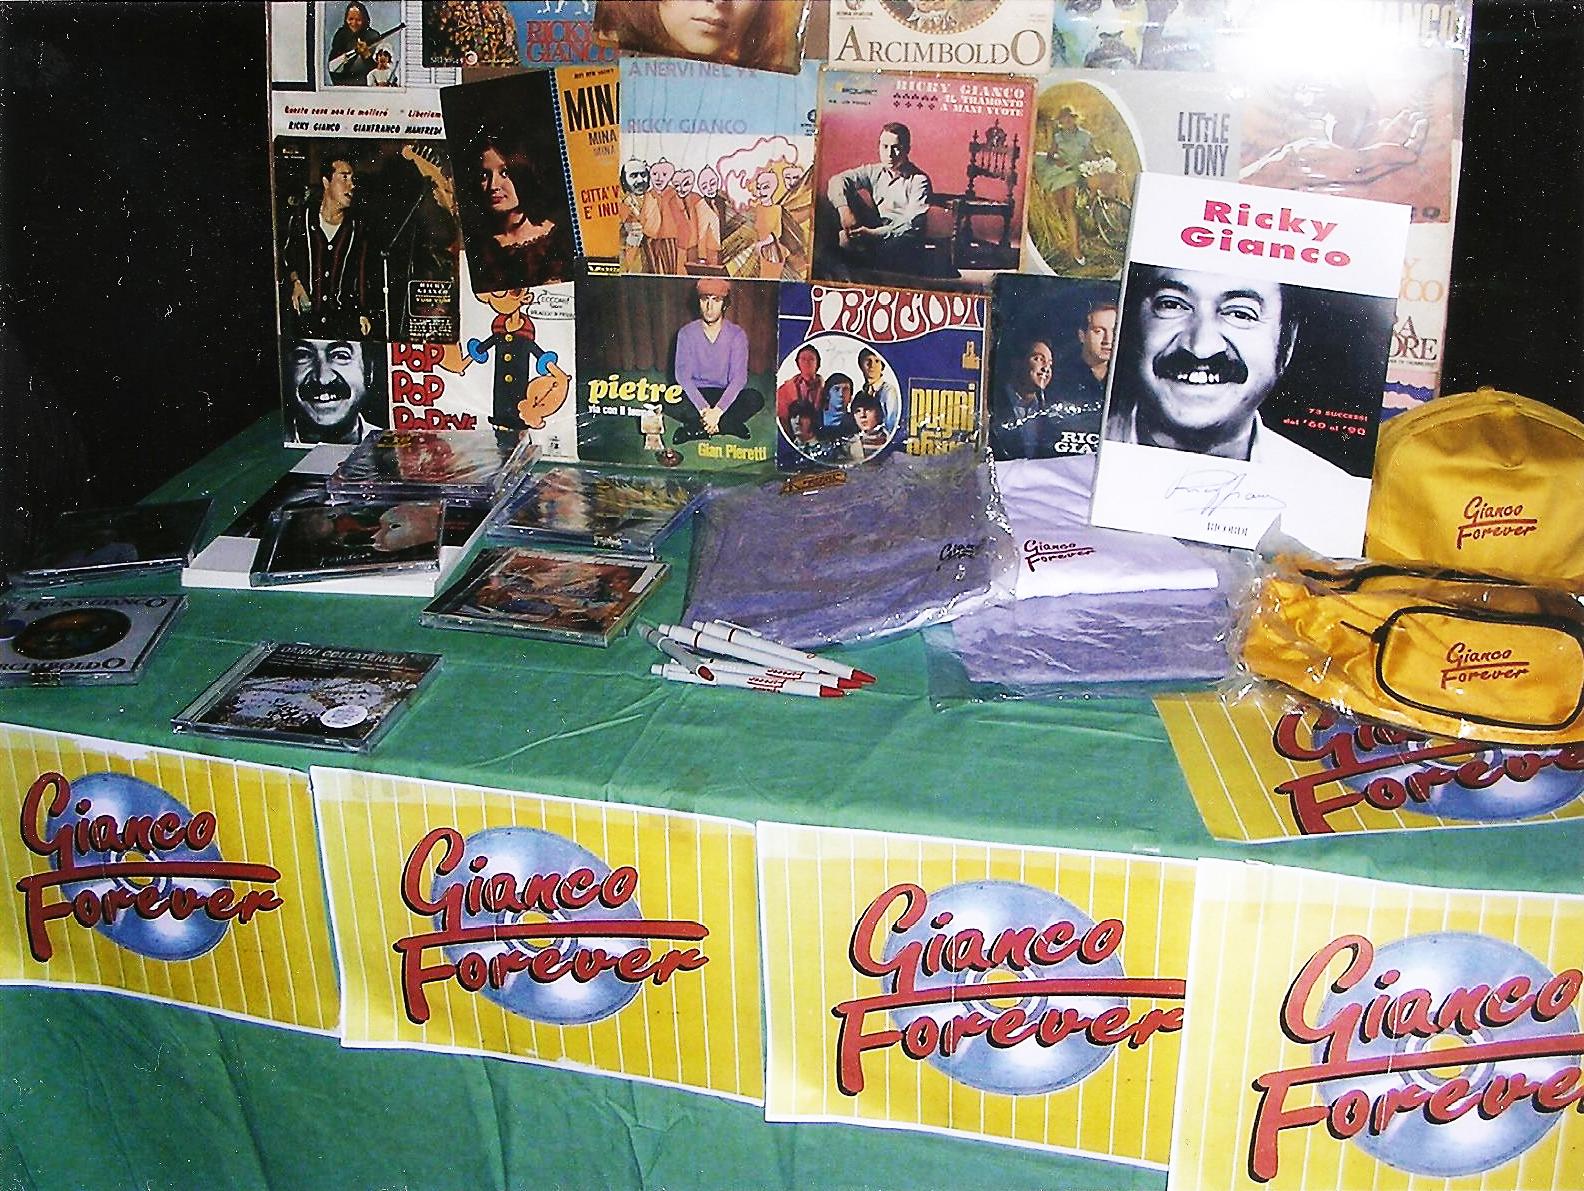 Lo storico banchetto Gianco Forever, che da tanti anni accompagna Ricky ai suoi concerti, distribuendo cd, vinili, gadgets, tesserine e libri con foto, testi e spartiti.